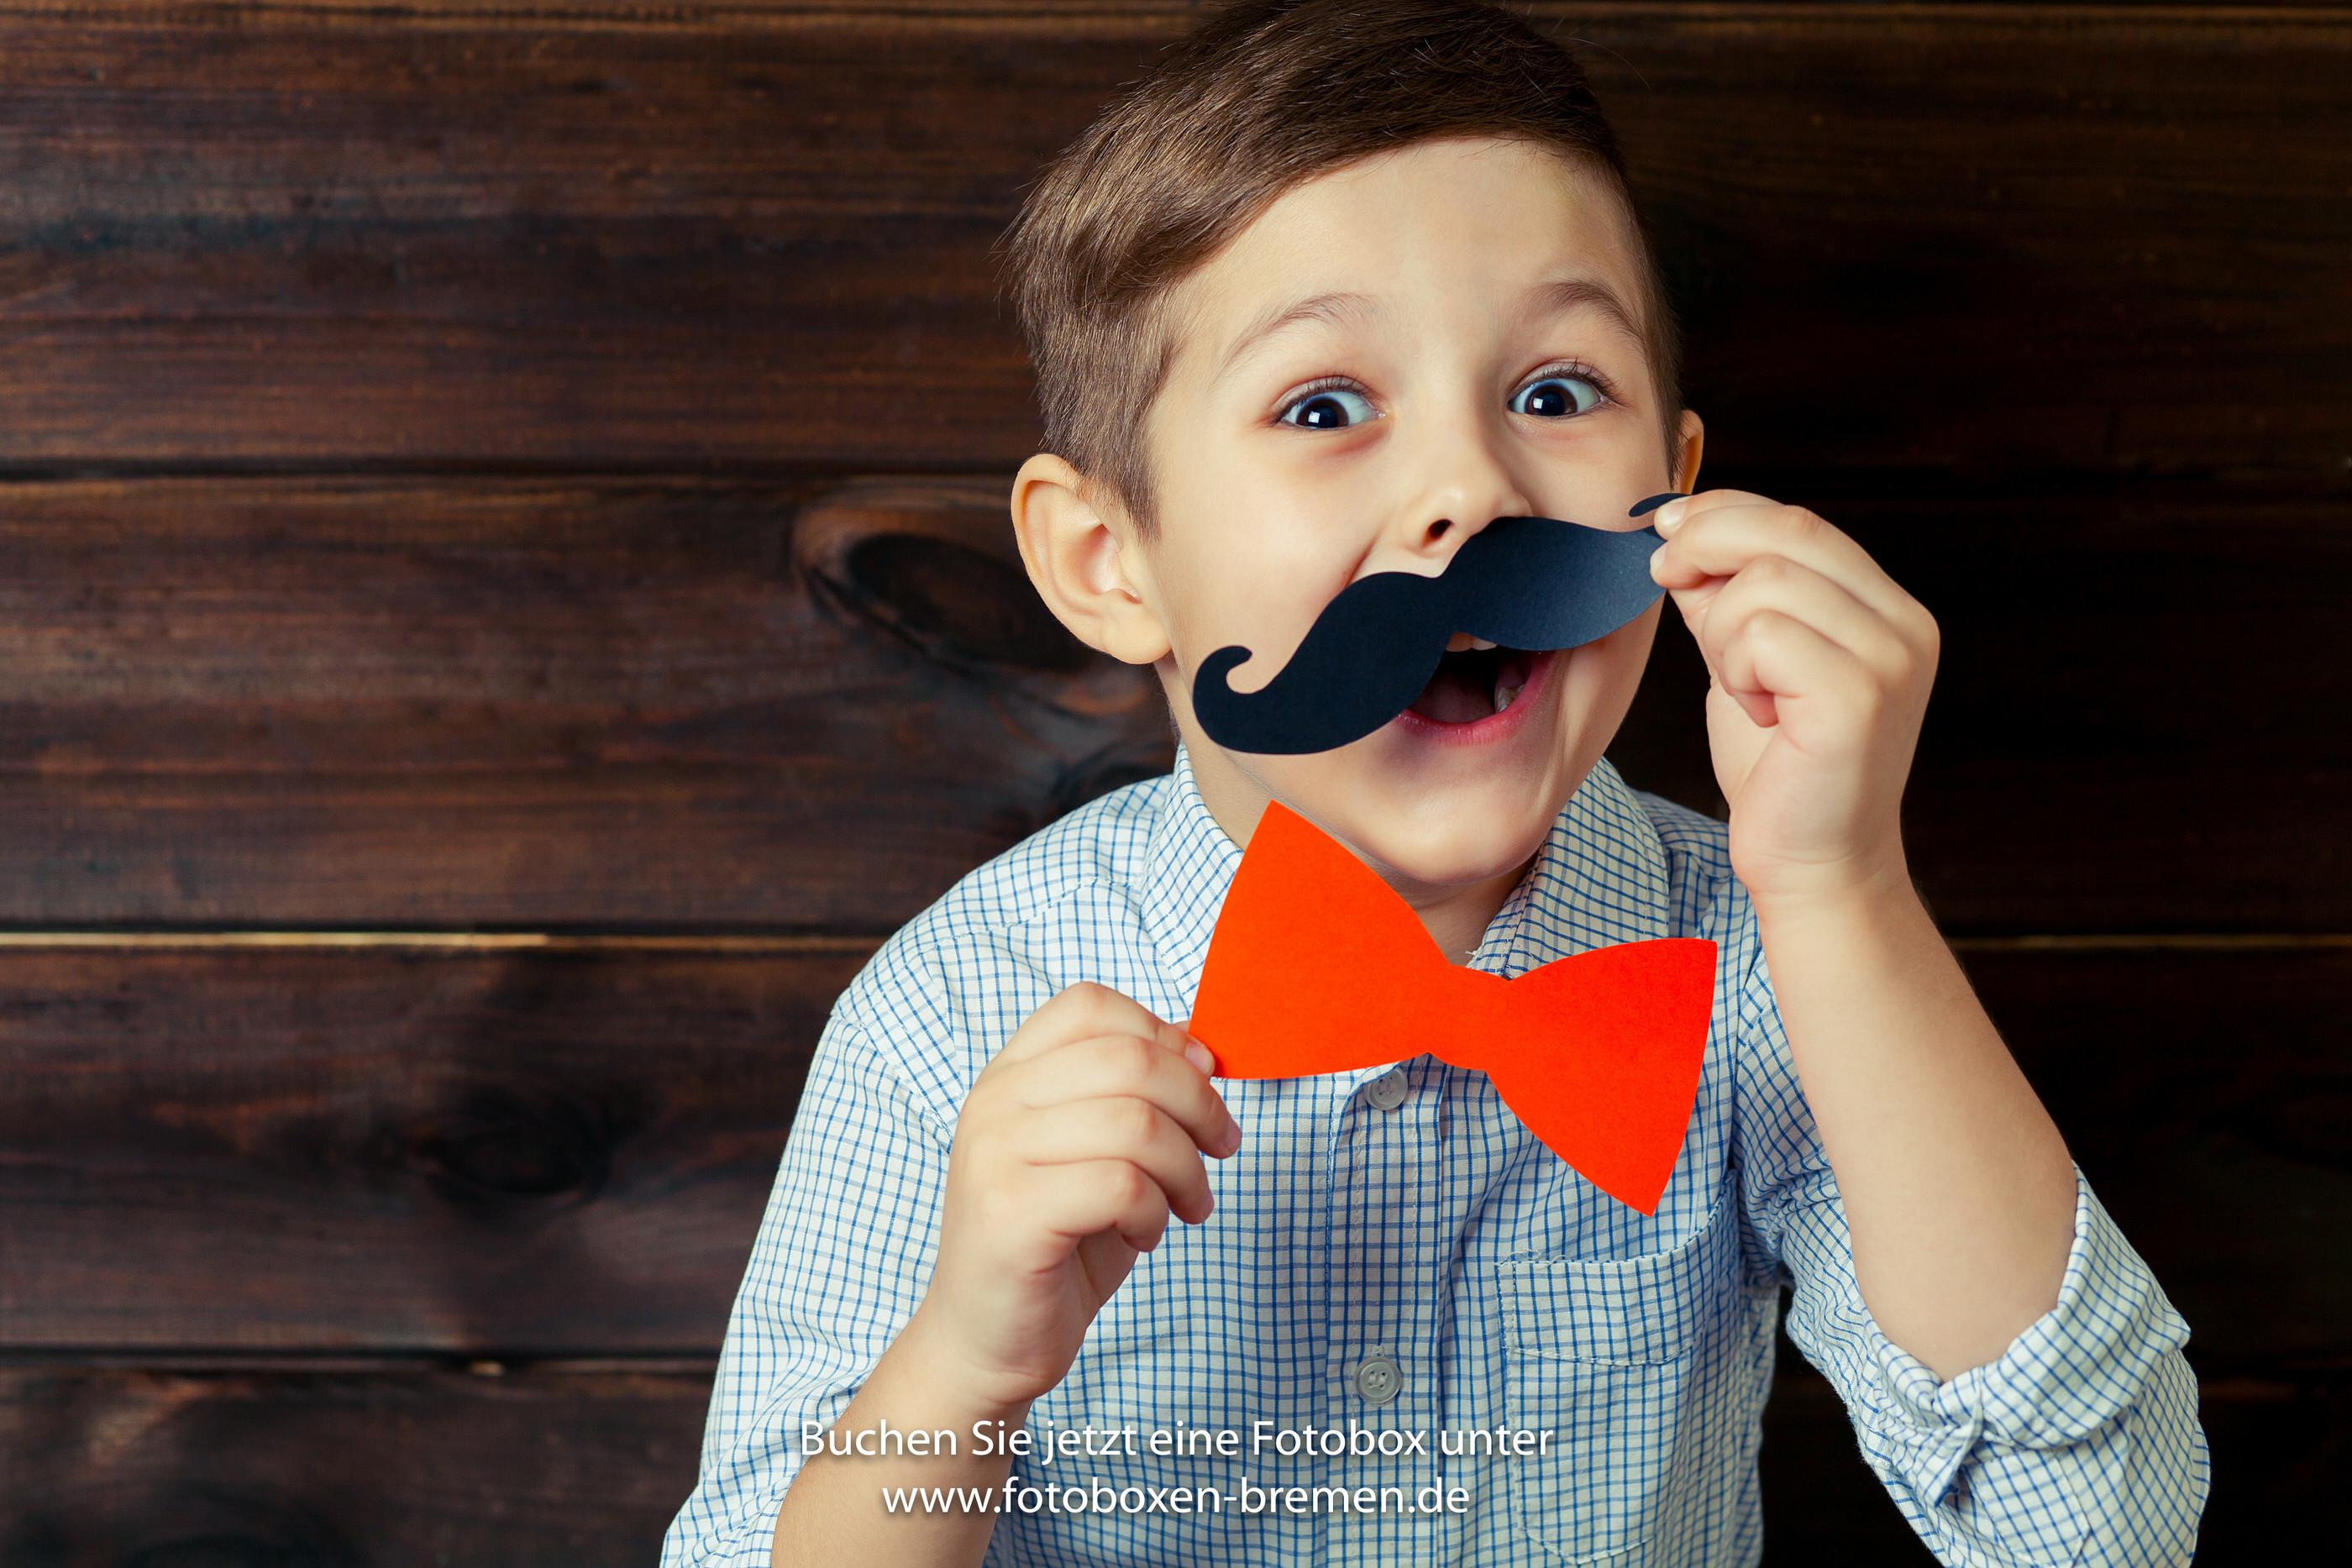 kleiner Junge verkleidet sich mit Props vor der Fotobox